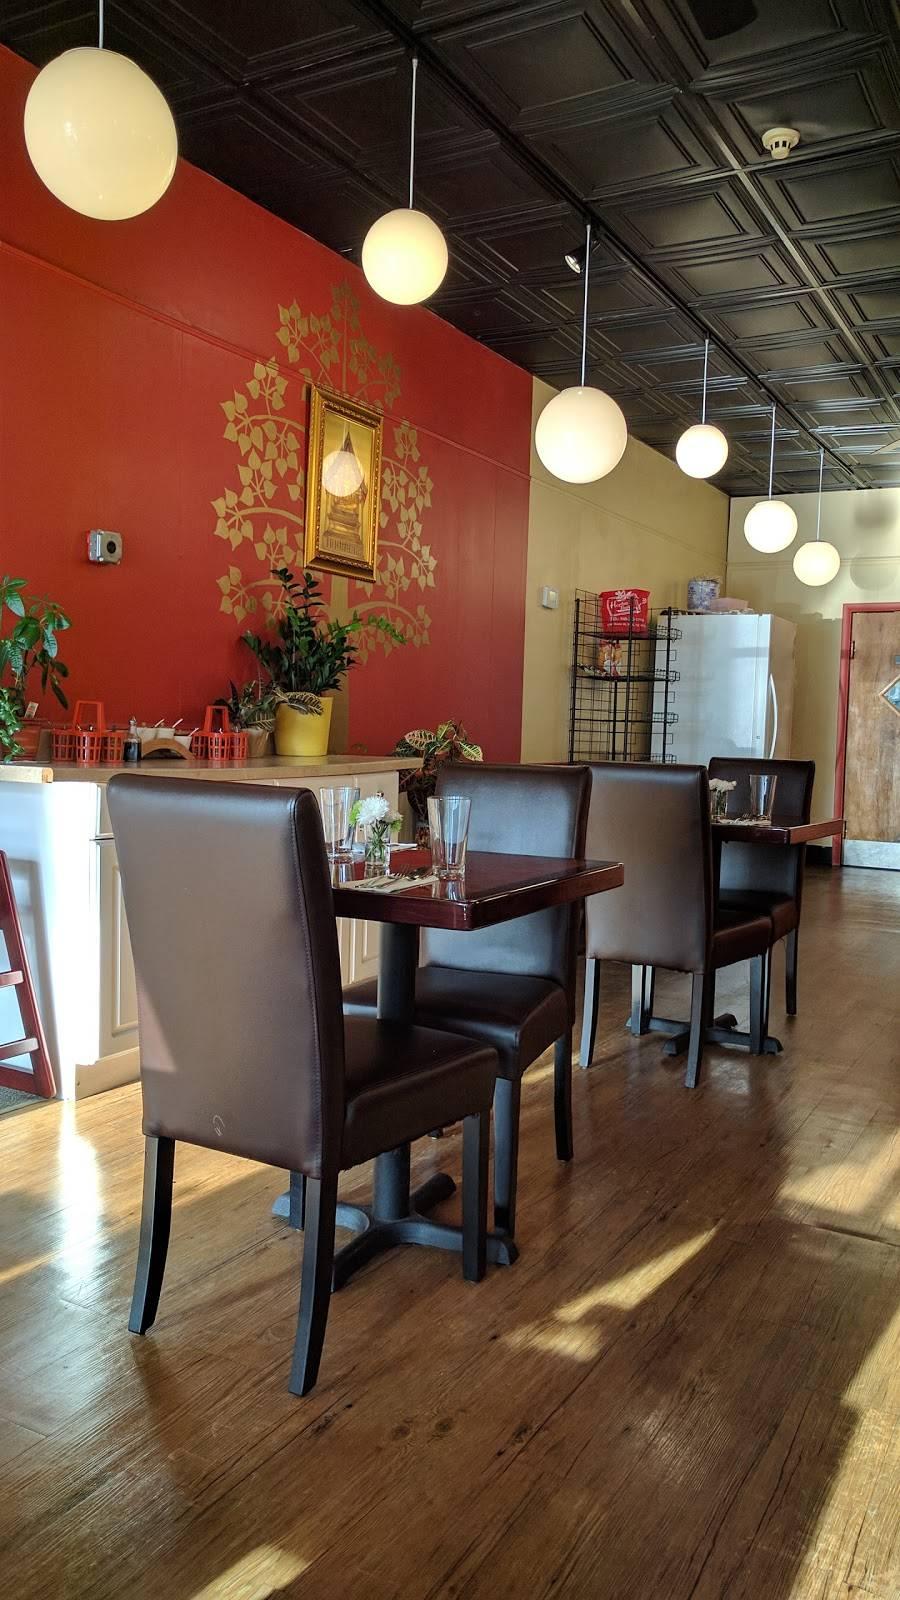 Herbs Thai Kitchen | restaurant | 1789 NJ-88, Brick, NJ 08724, USA | 8482321214 OR +1 848-232-1214